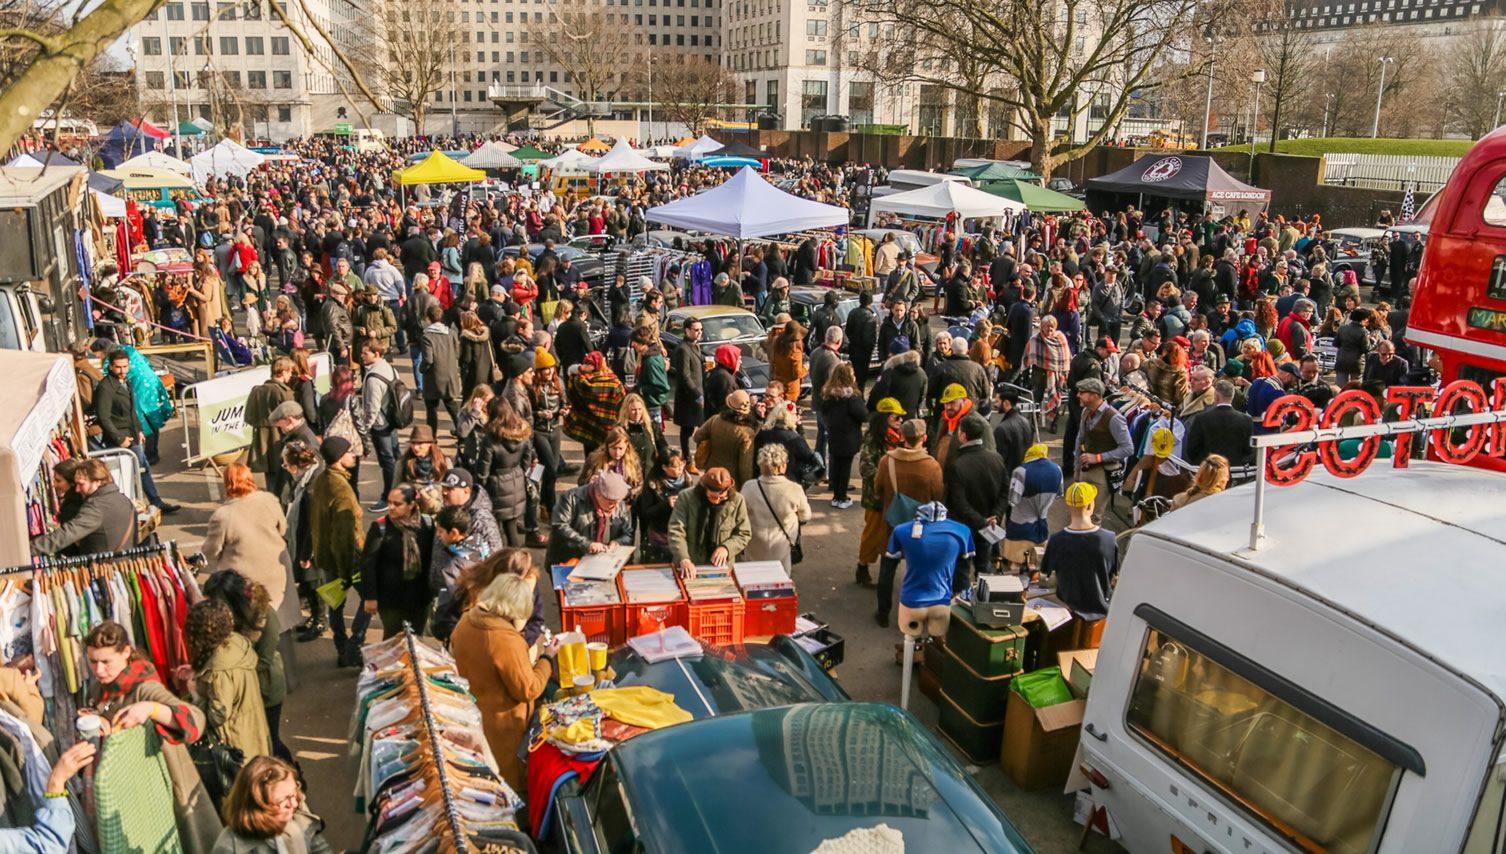 Classic Car Boot Sale Lewis Cubitt Square London